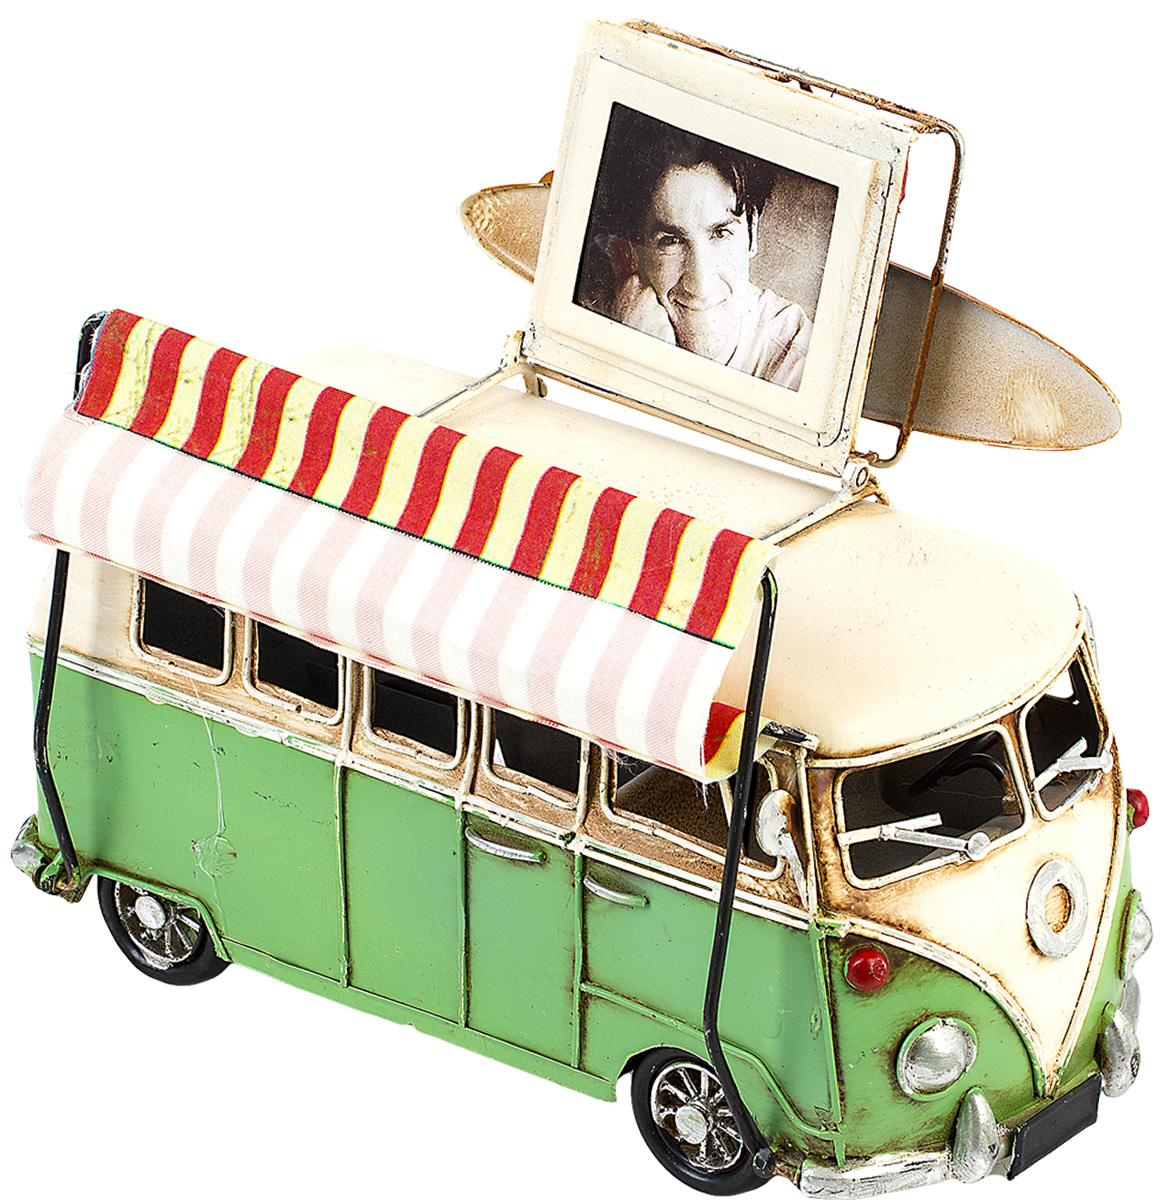 Модель Platinum Автобус, с фоторамкой. 1404E-4348JP-29/37Модель Platinum Автобус, выполненная из металла, станет оригинальным украшением вашего интерьера. Вы можете поставить модель автобуса в любом месте, где она будет удачно смотреться.Изделие дополнено фоторамкой, куда вы можете вставить вашу любимую фотографию.Качество исполнения, точные детали и оригинальный дизайн выделяют эту модель среди ряда подобных. Модель займет достойное место в вашей коллекции, а также приятно удивит получателя в качестве стильного сувенира.Размер фотографии: 4 х 5 см.